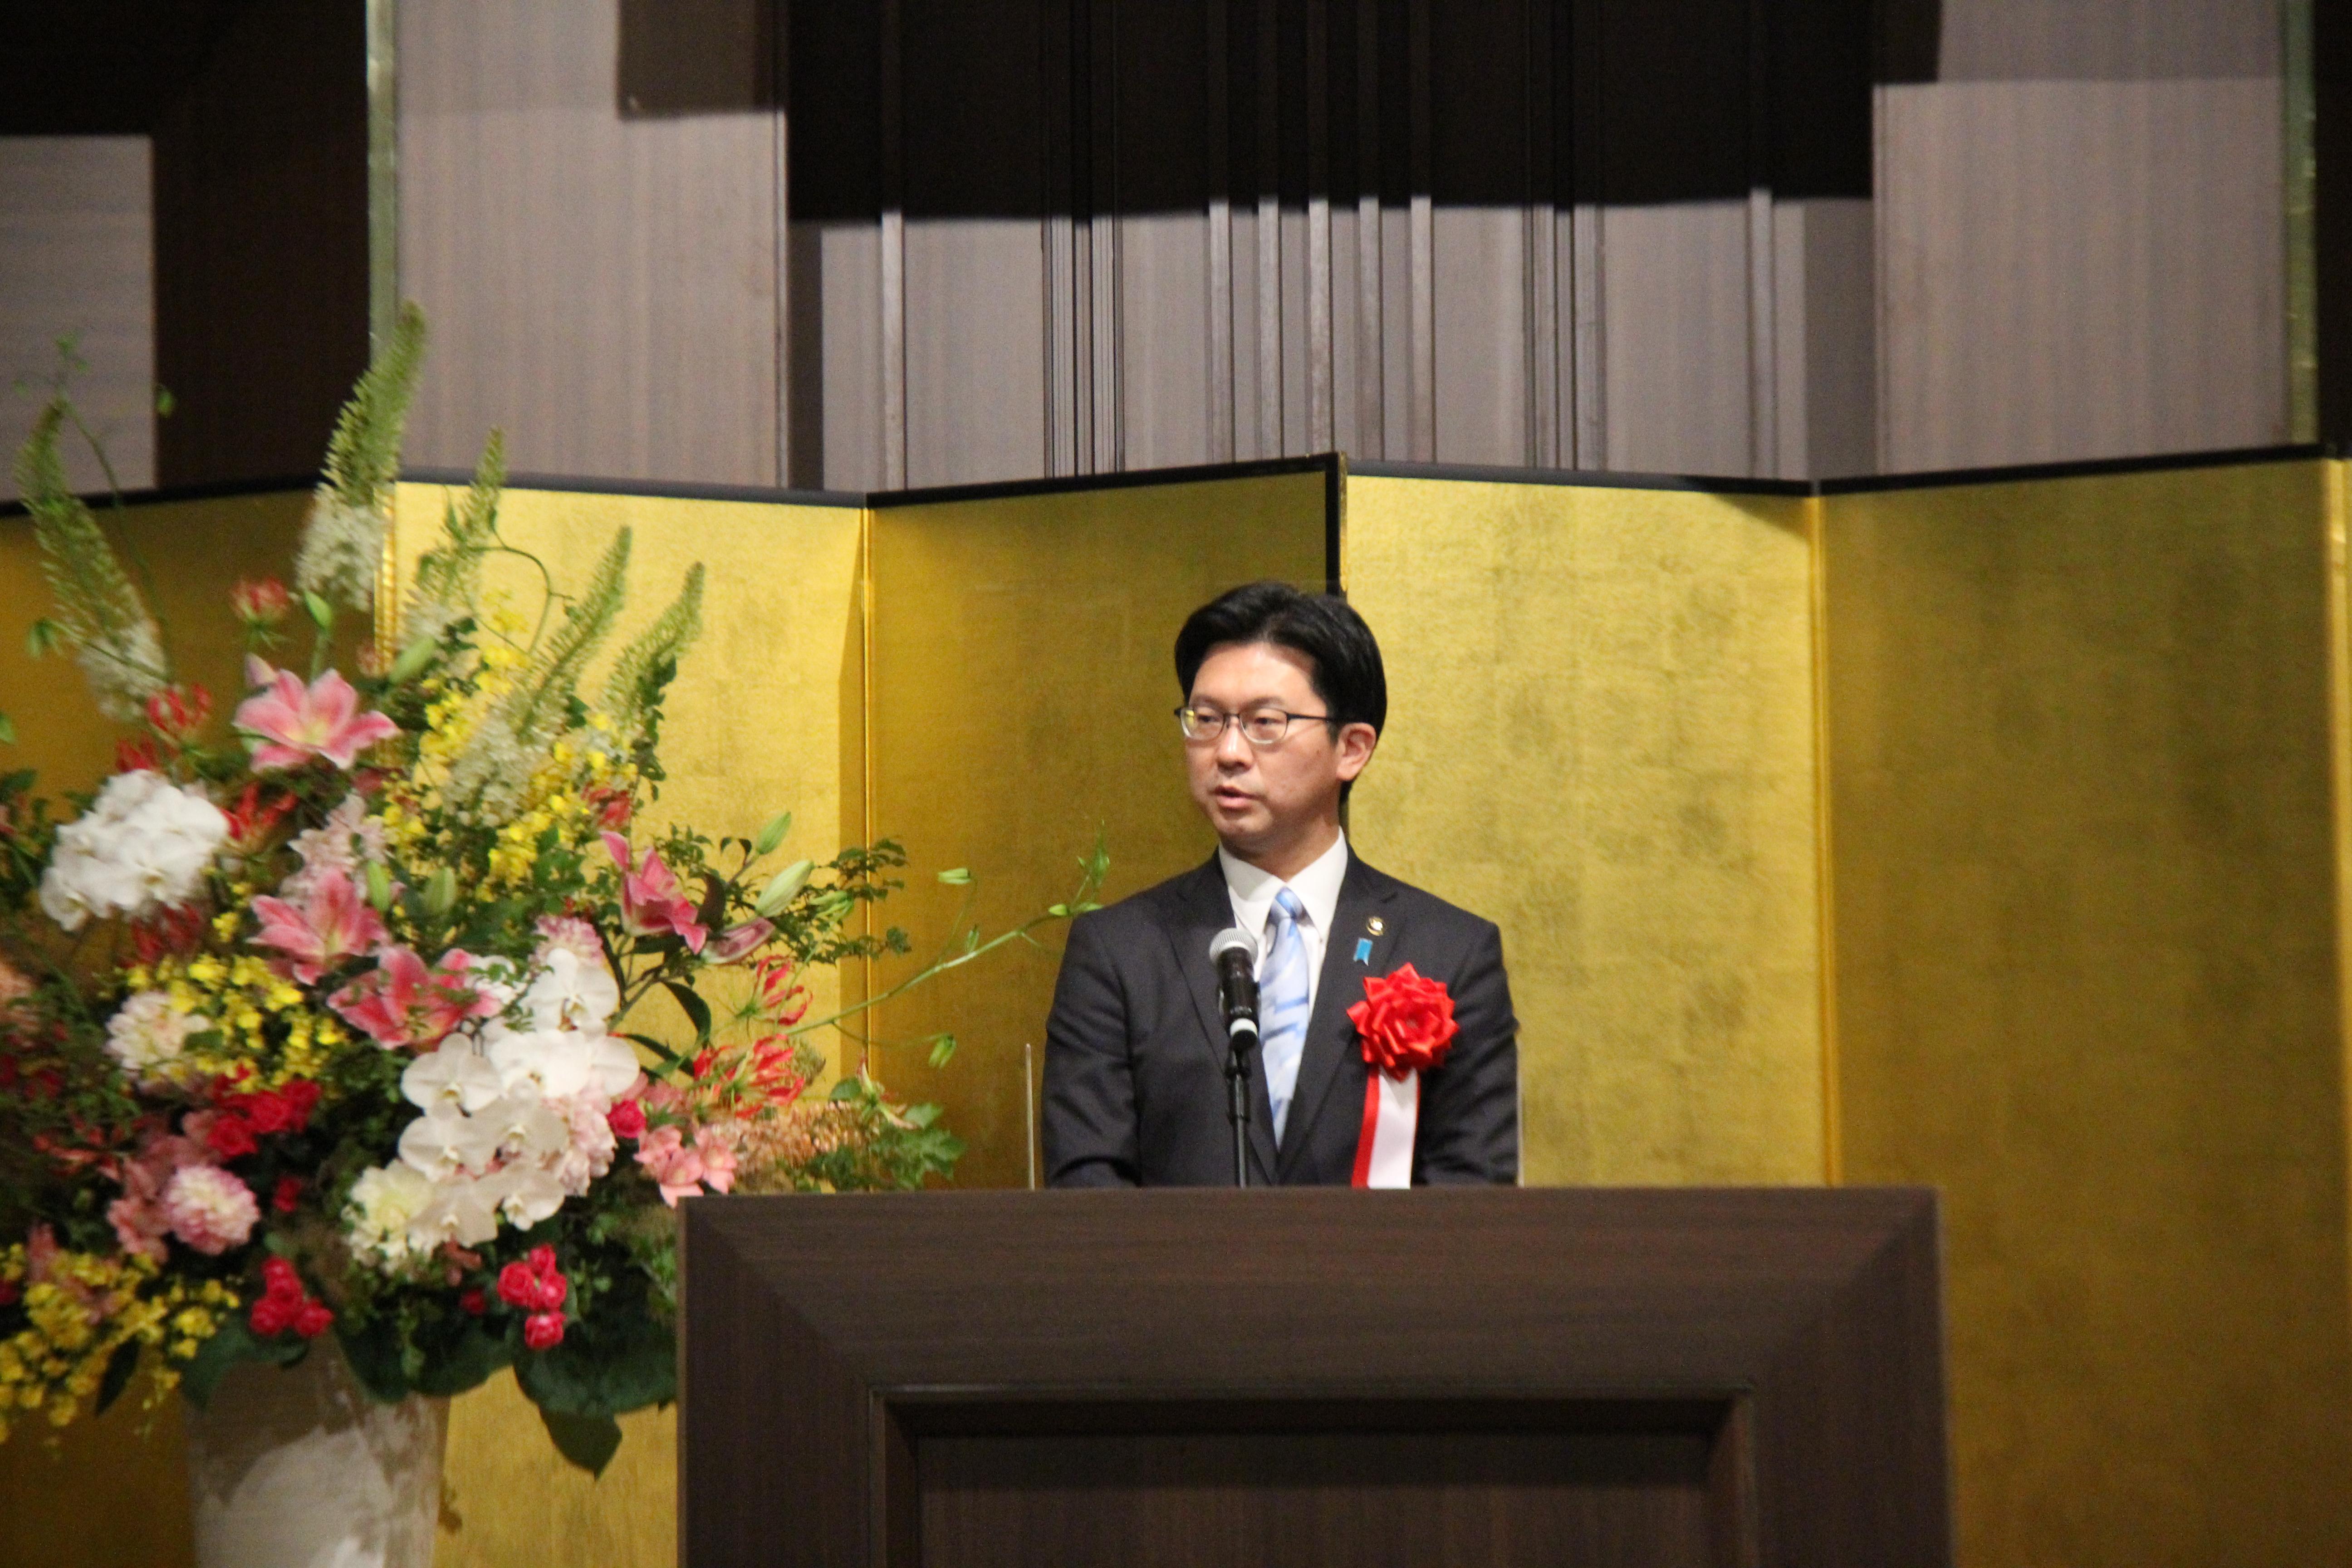 トップ > 新着情報 > 75周年記念式典・記念講演会を挙行しました 04